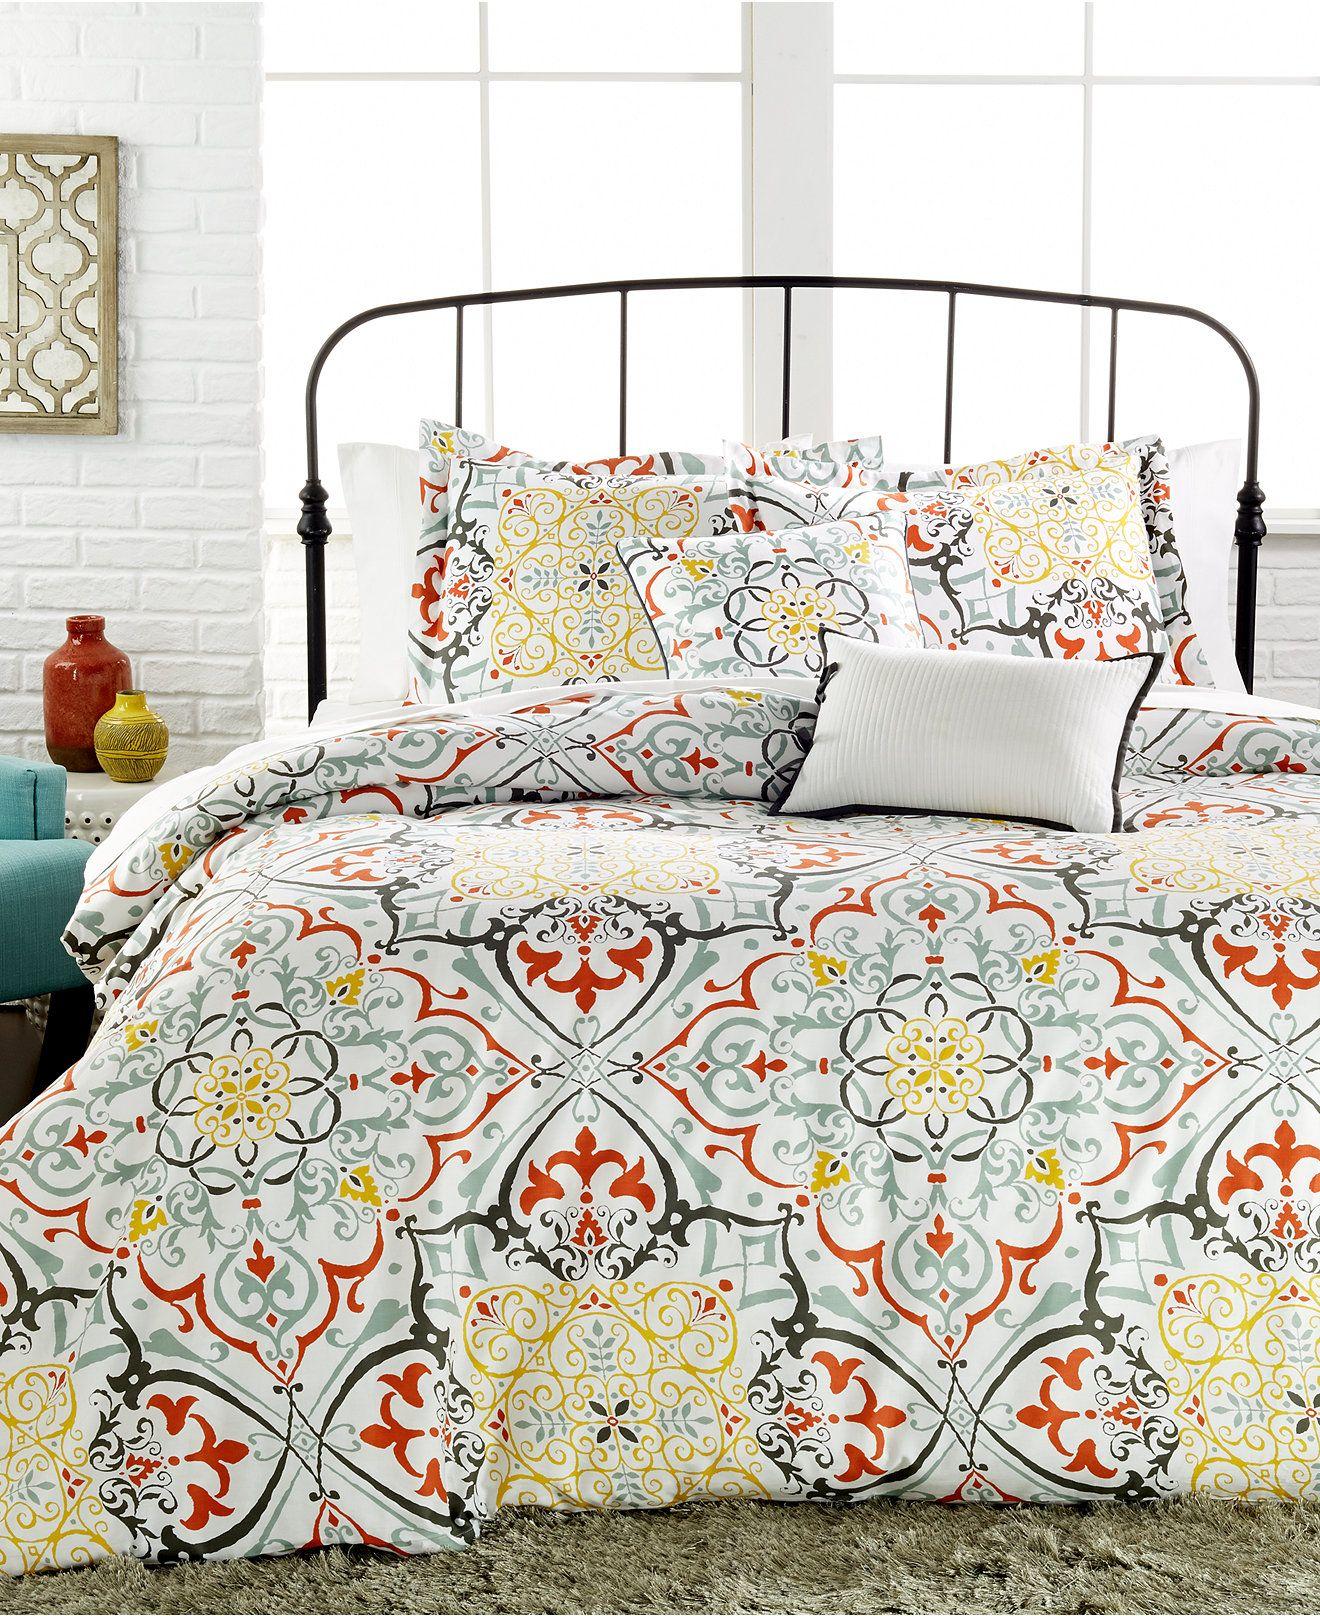 Yasani 5Pc. Reversible Full/Queen Comforter Set Bedding